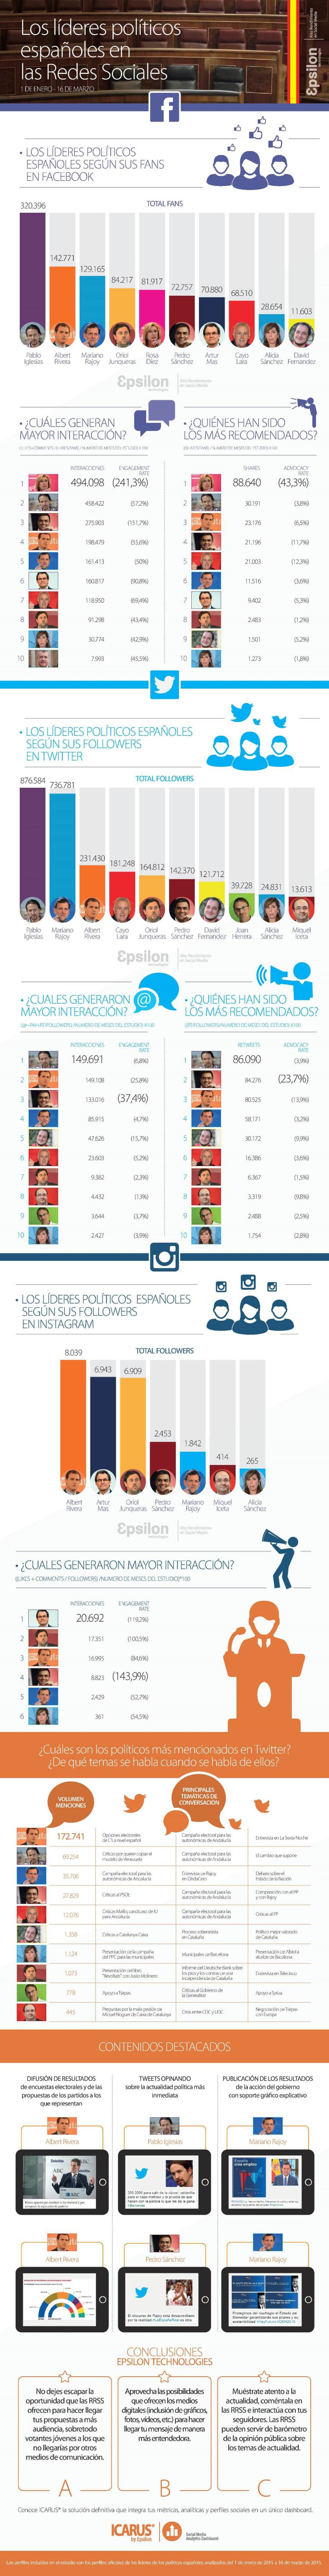 Ranking líderes políticos españoles en Redes Sociales